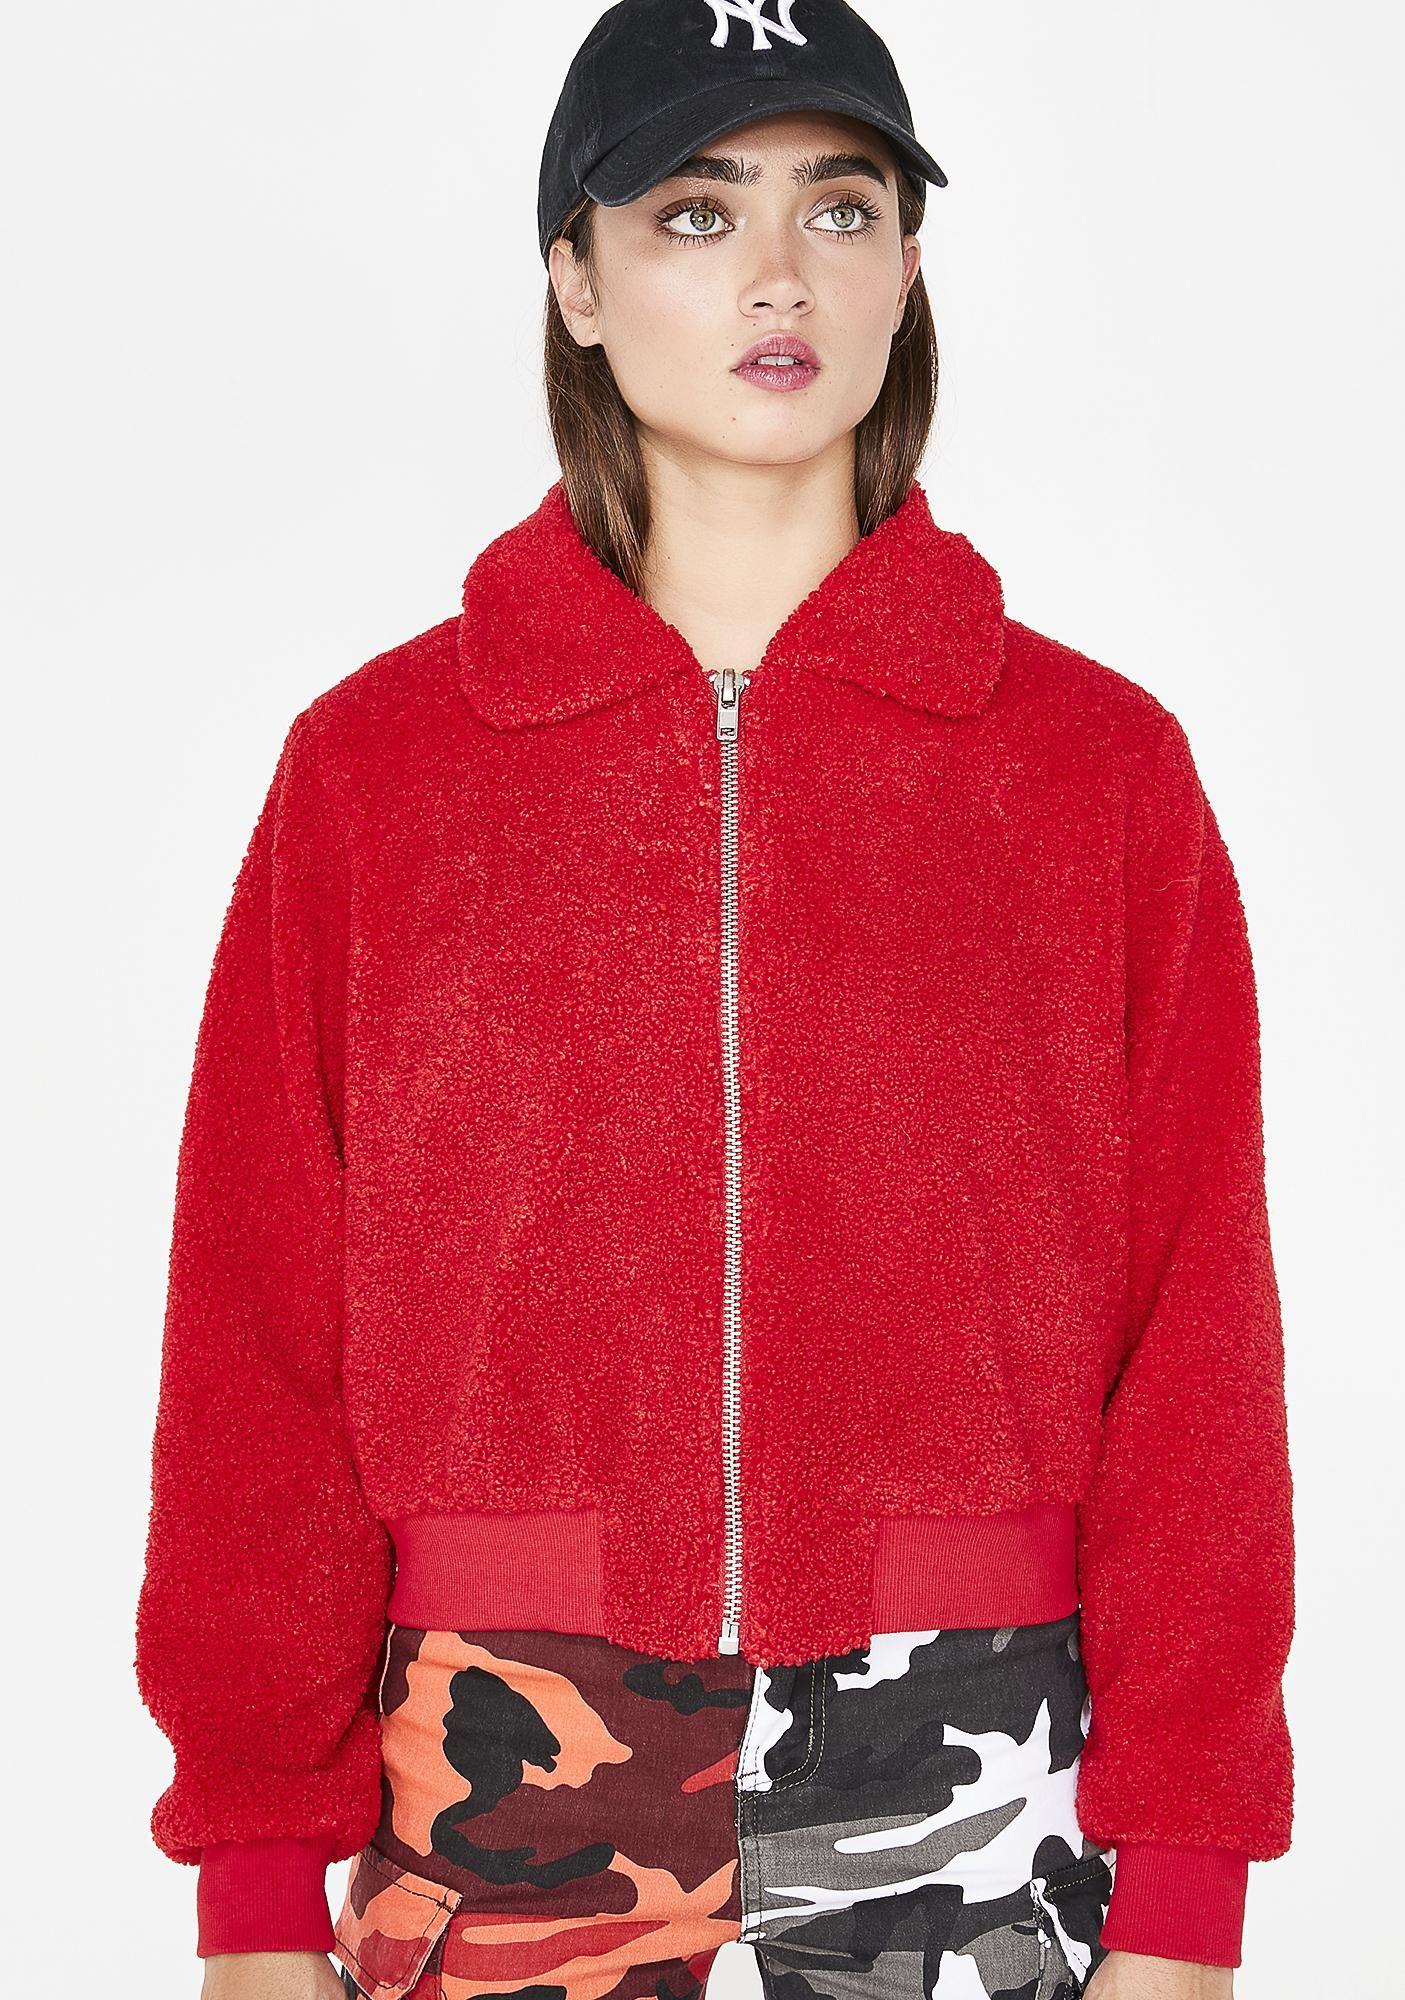 Hollow Heart Fuzzy Jacket Red Bomber Jacket Fuzzy Jacket Jackets [ 2000 x 1405 Pixel ]